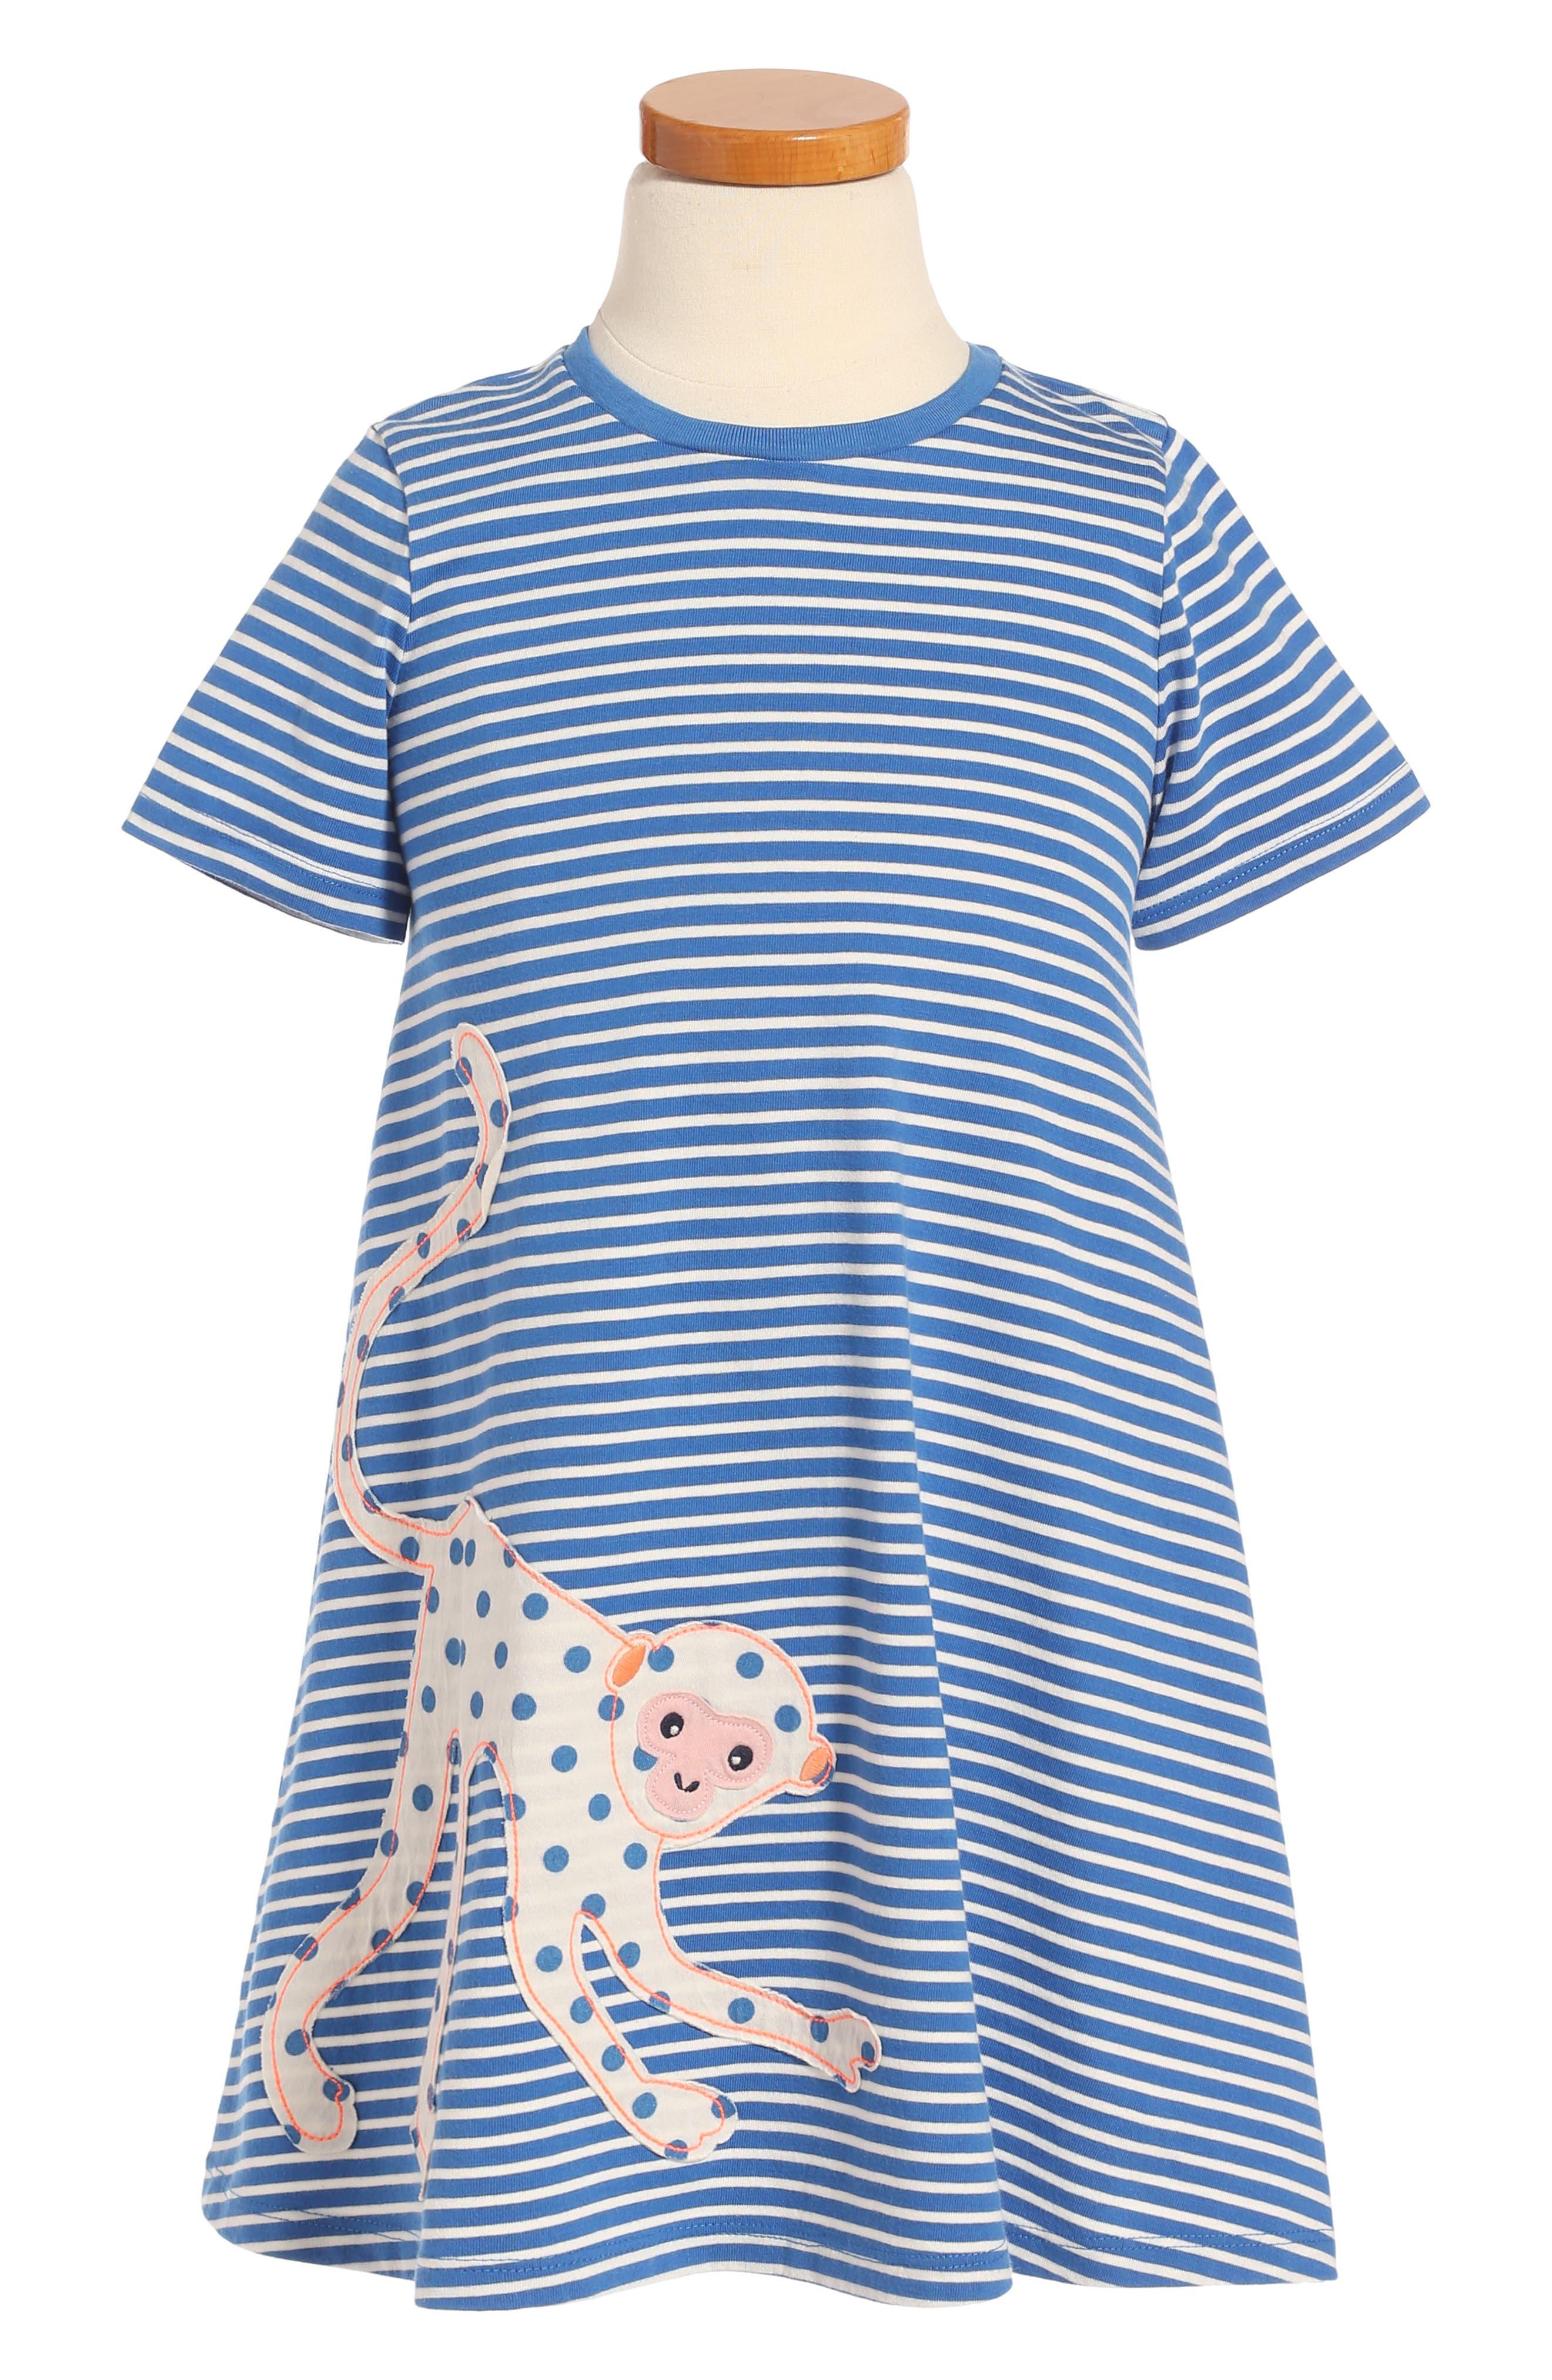 Mini Boden Jungle Appliqué T-Shirt Dress (Toddler Girls, Little Girls & Big Girls)